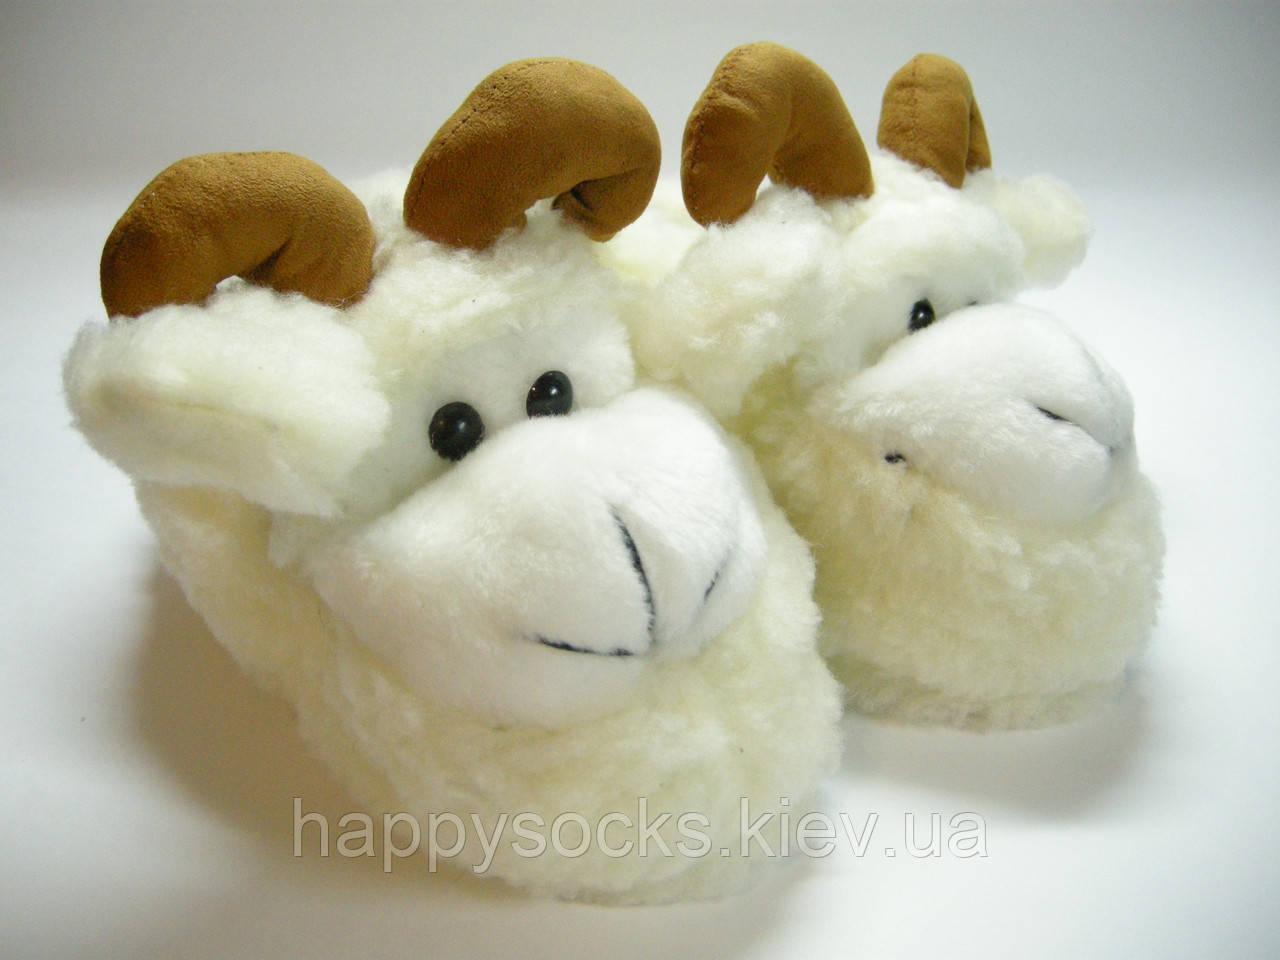 """Теплые тапочки-чуни """" Баранчик"""" из овечьей шерсти"""